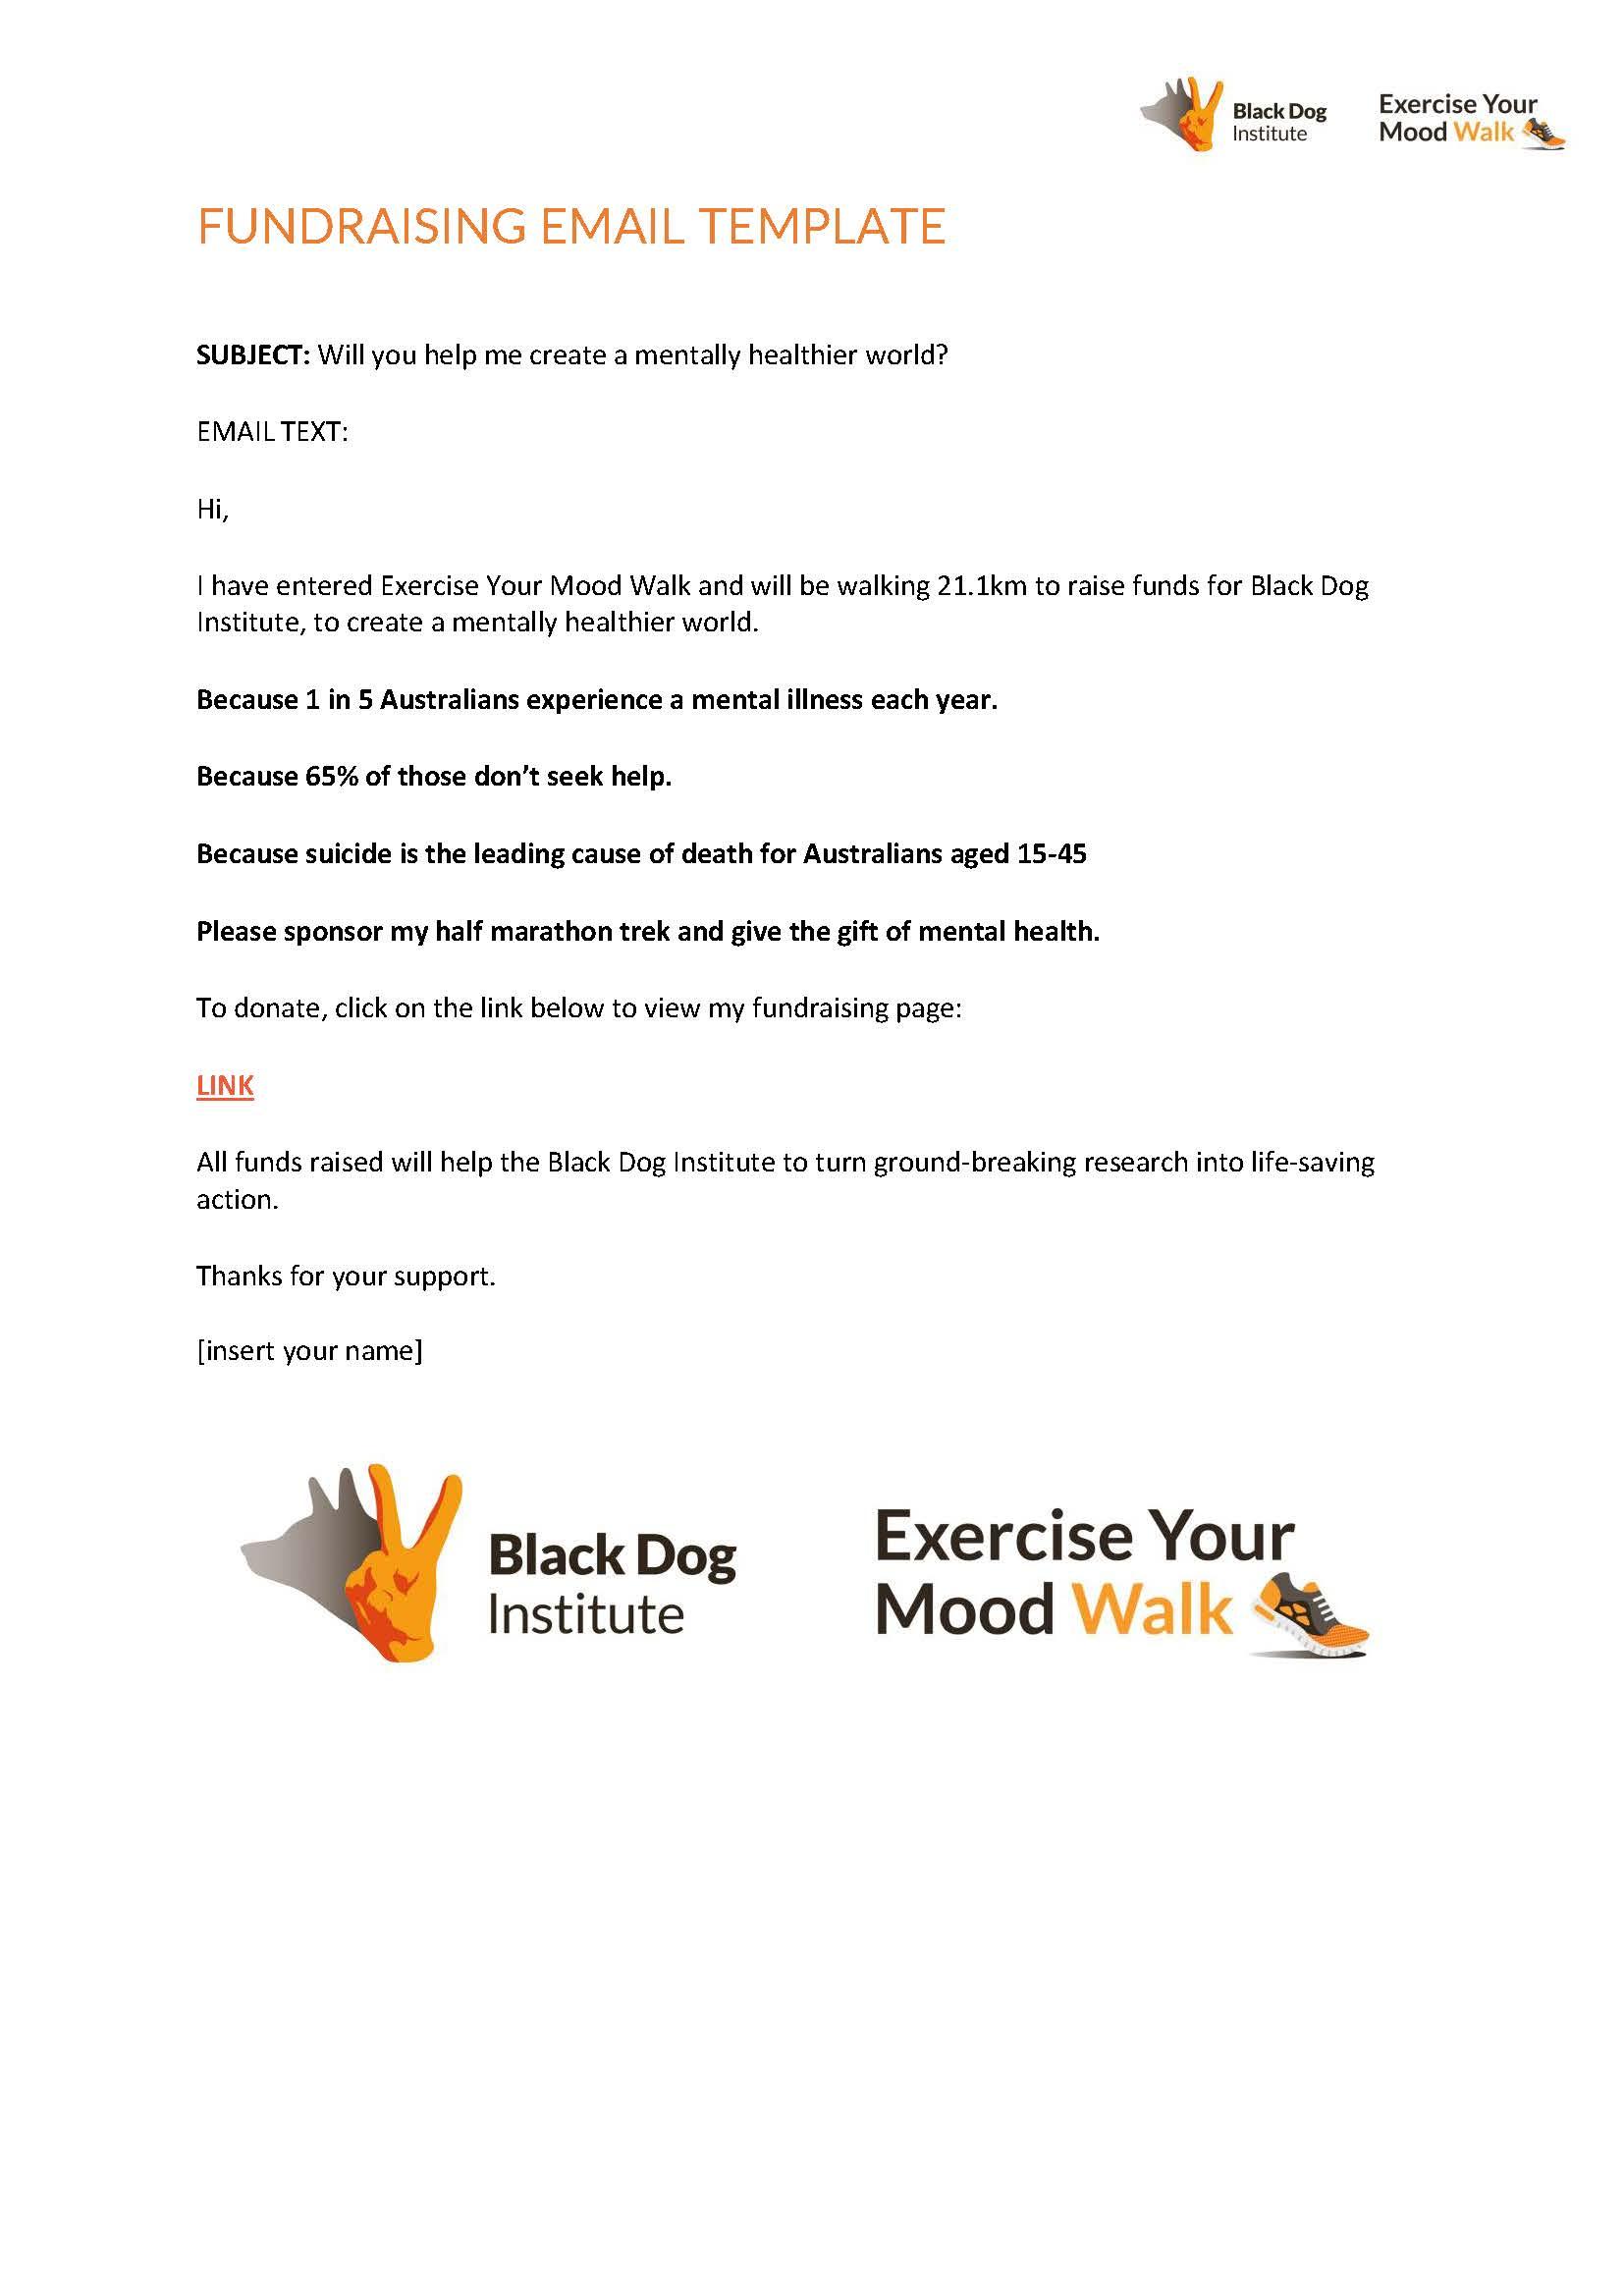 EYMWOP Email 2